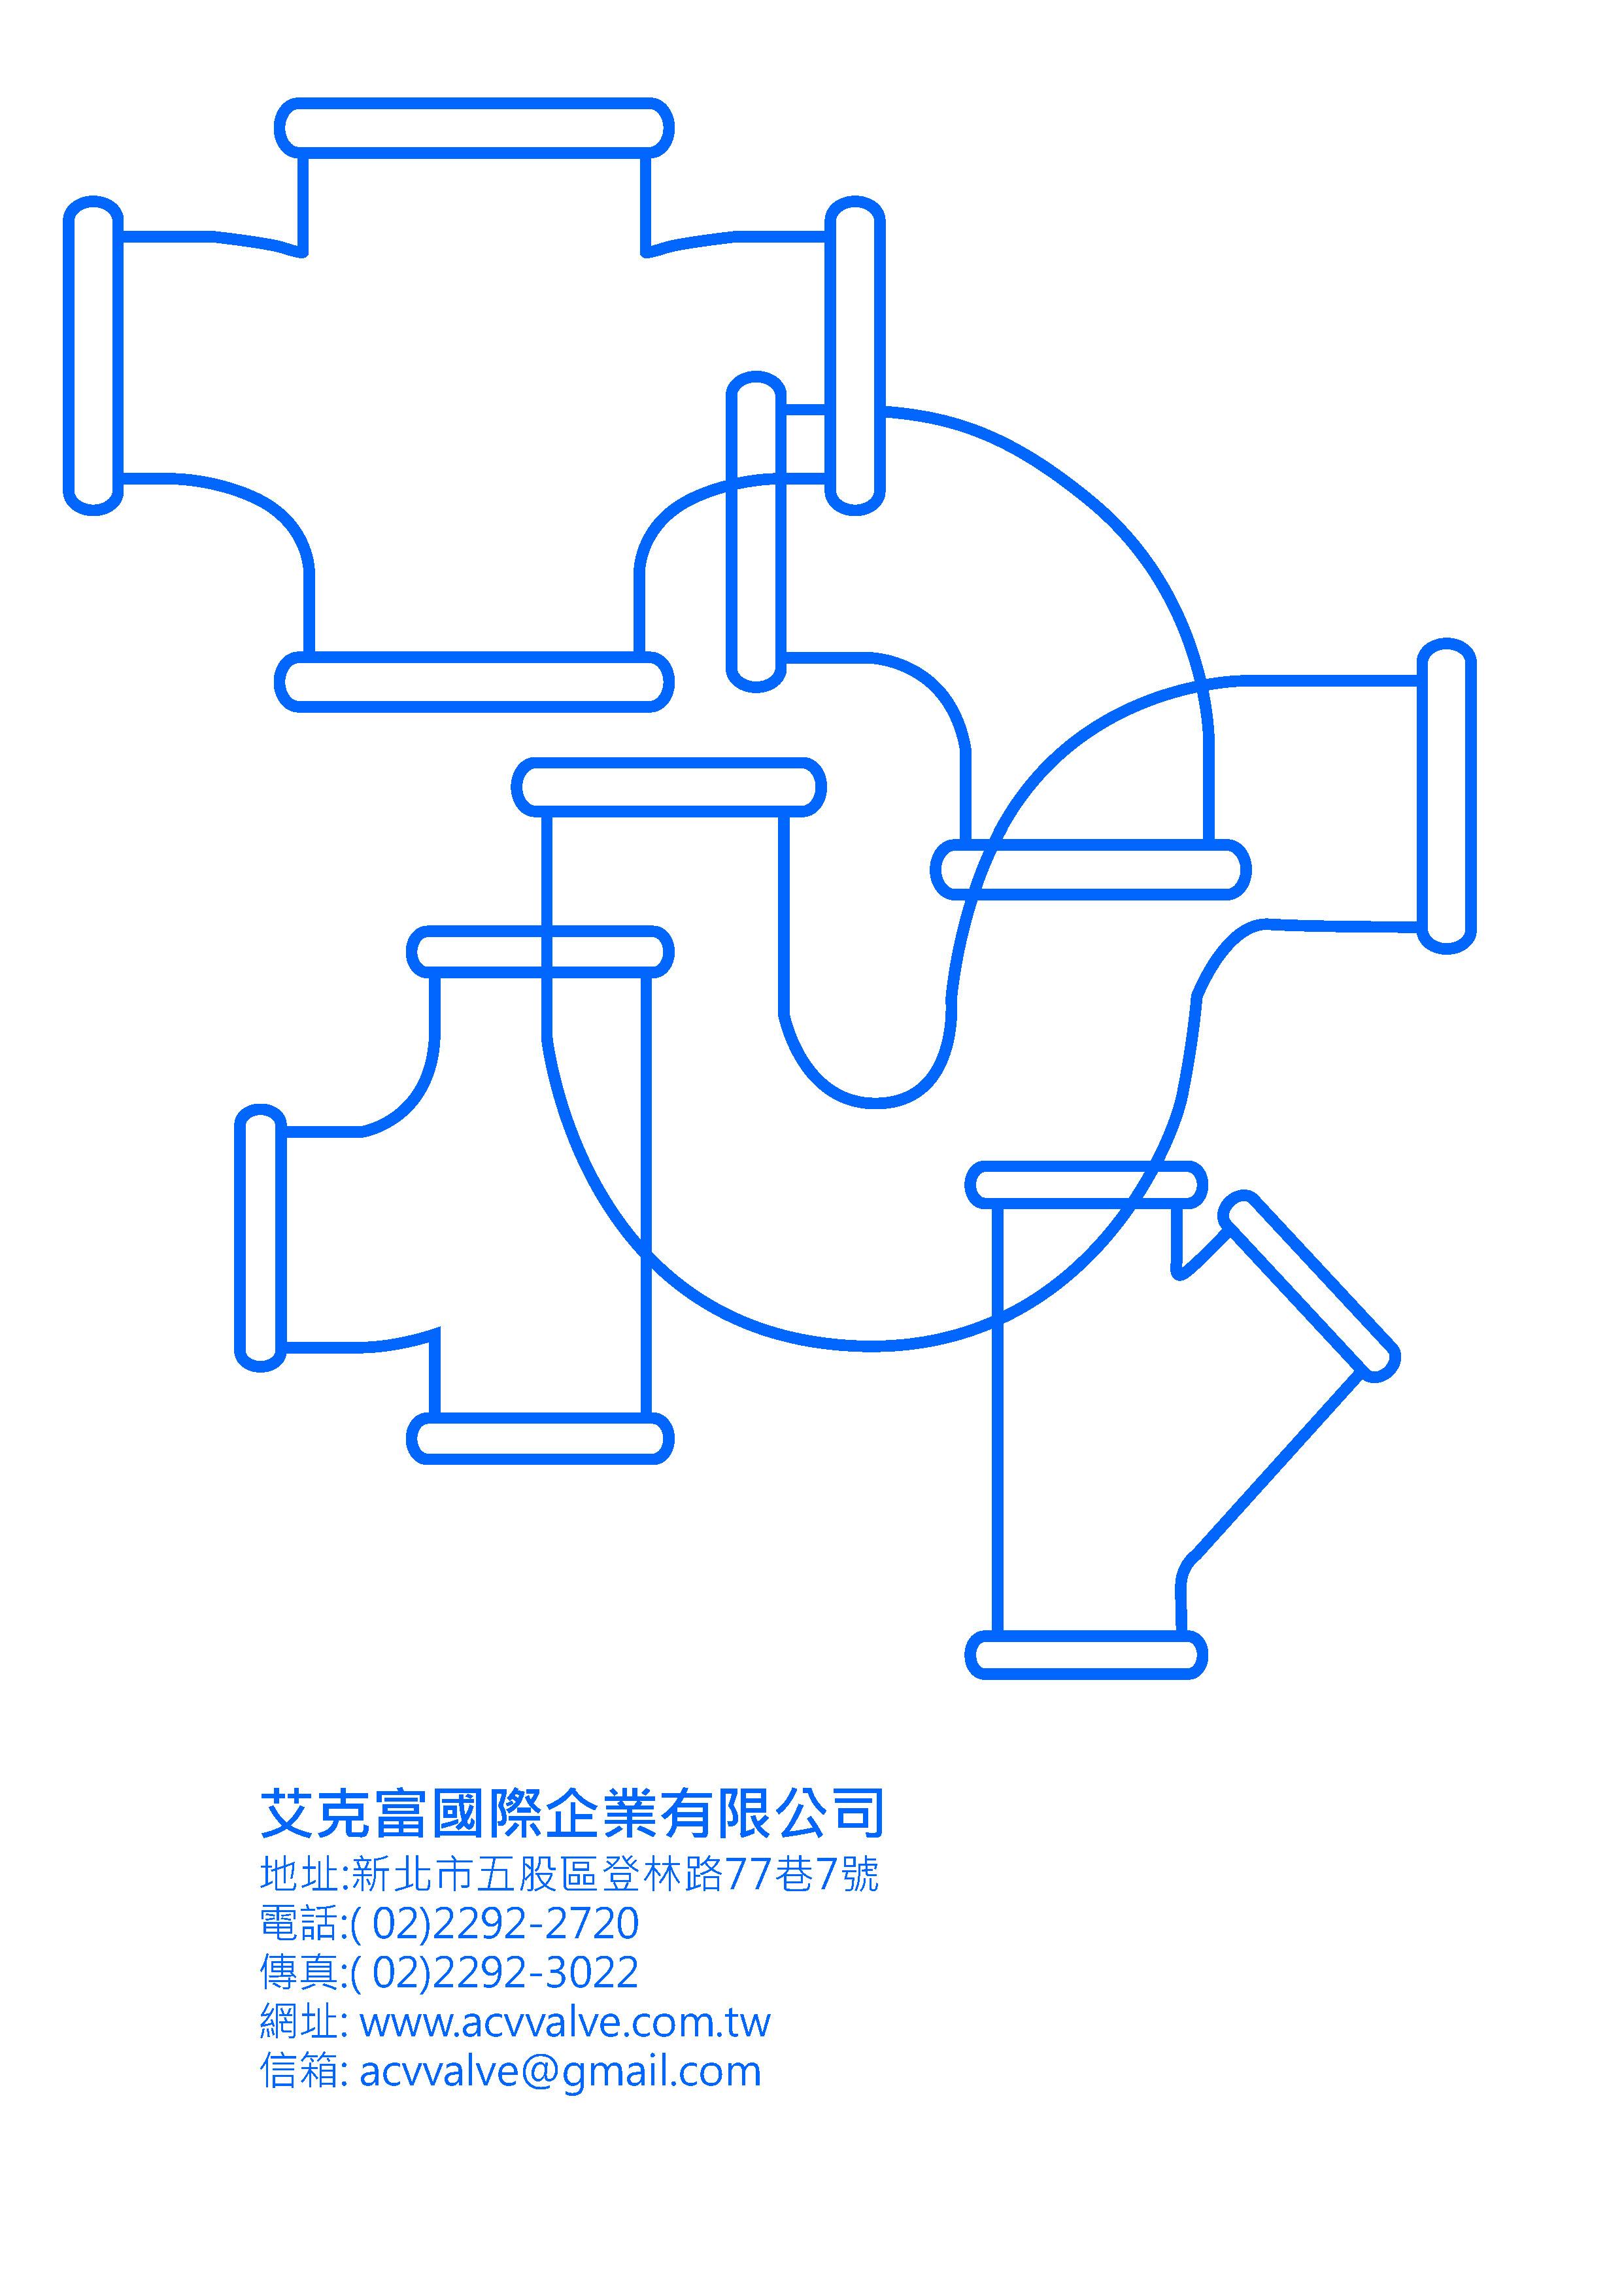 FBE環氧樹脂粉體塗裝鋼管及平口式另件_頁面_12